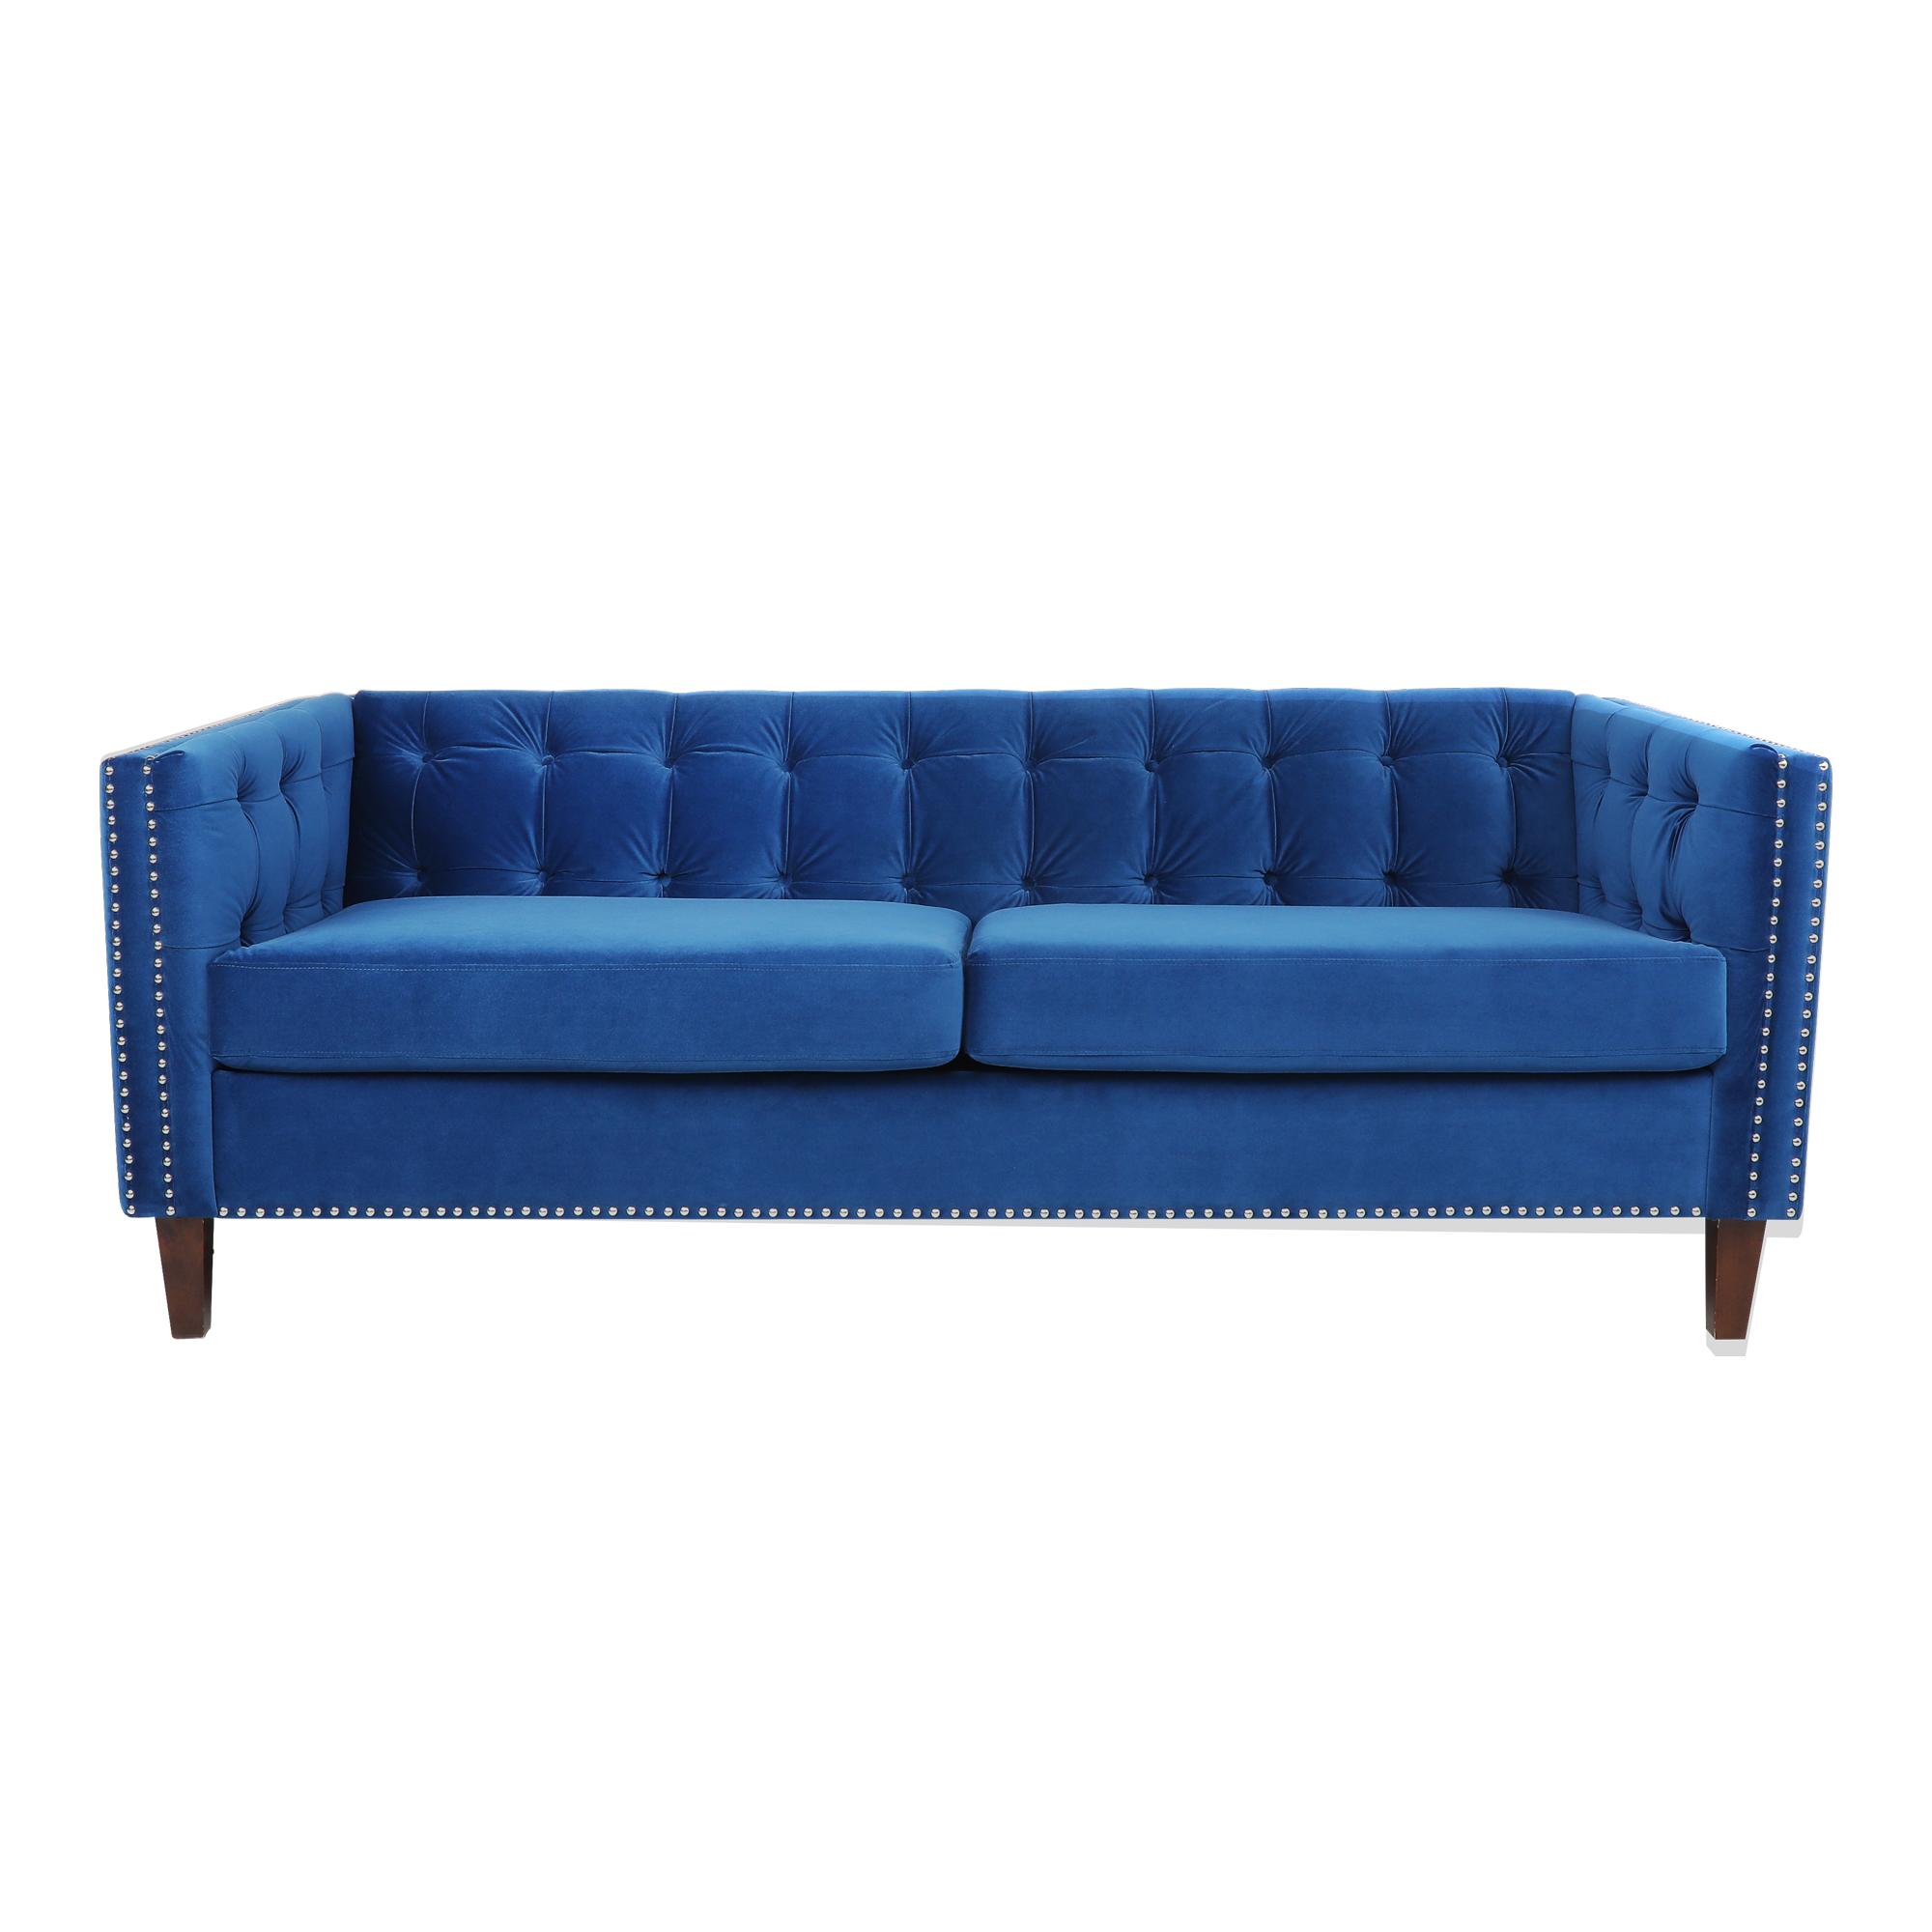 天鹅绒深蓝色好莱坞丽晶豪华外观沙发